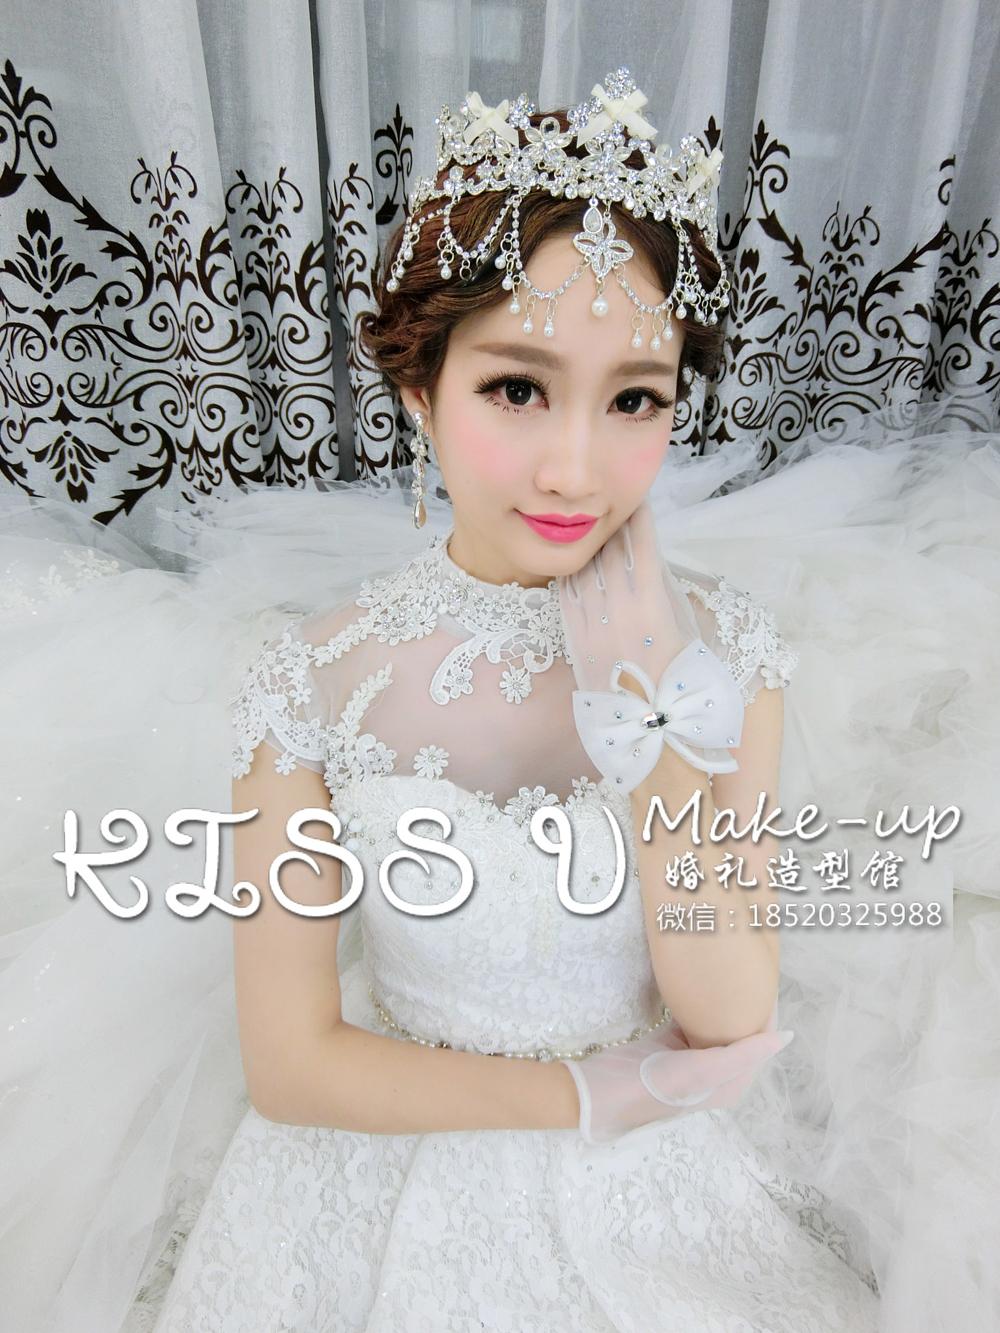 新娘皇冠造型-kiss u婚礼造型馆-广州化妆师婷婷